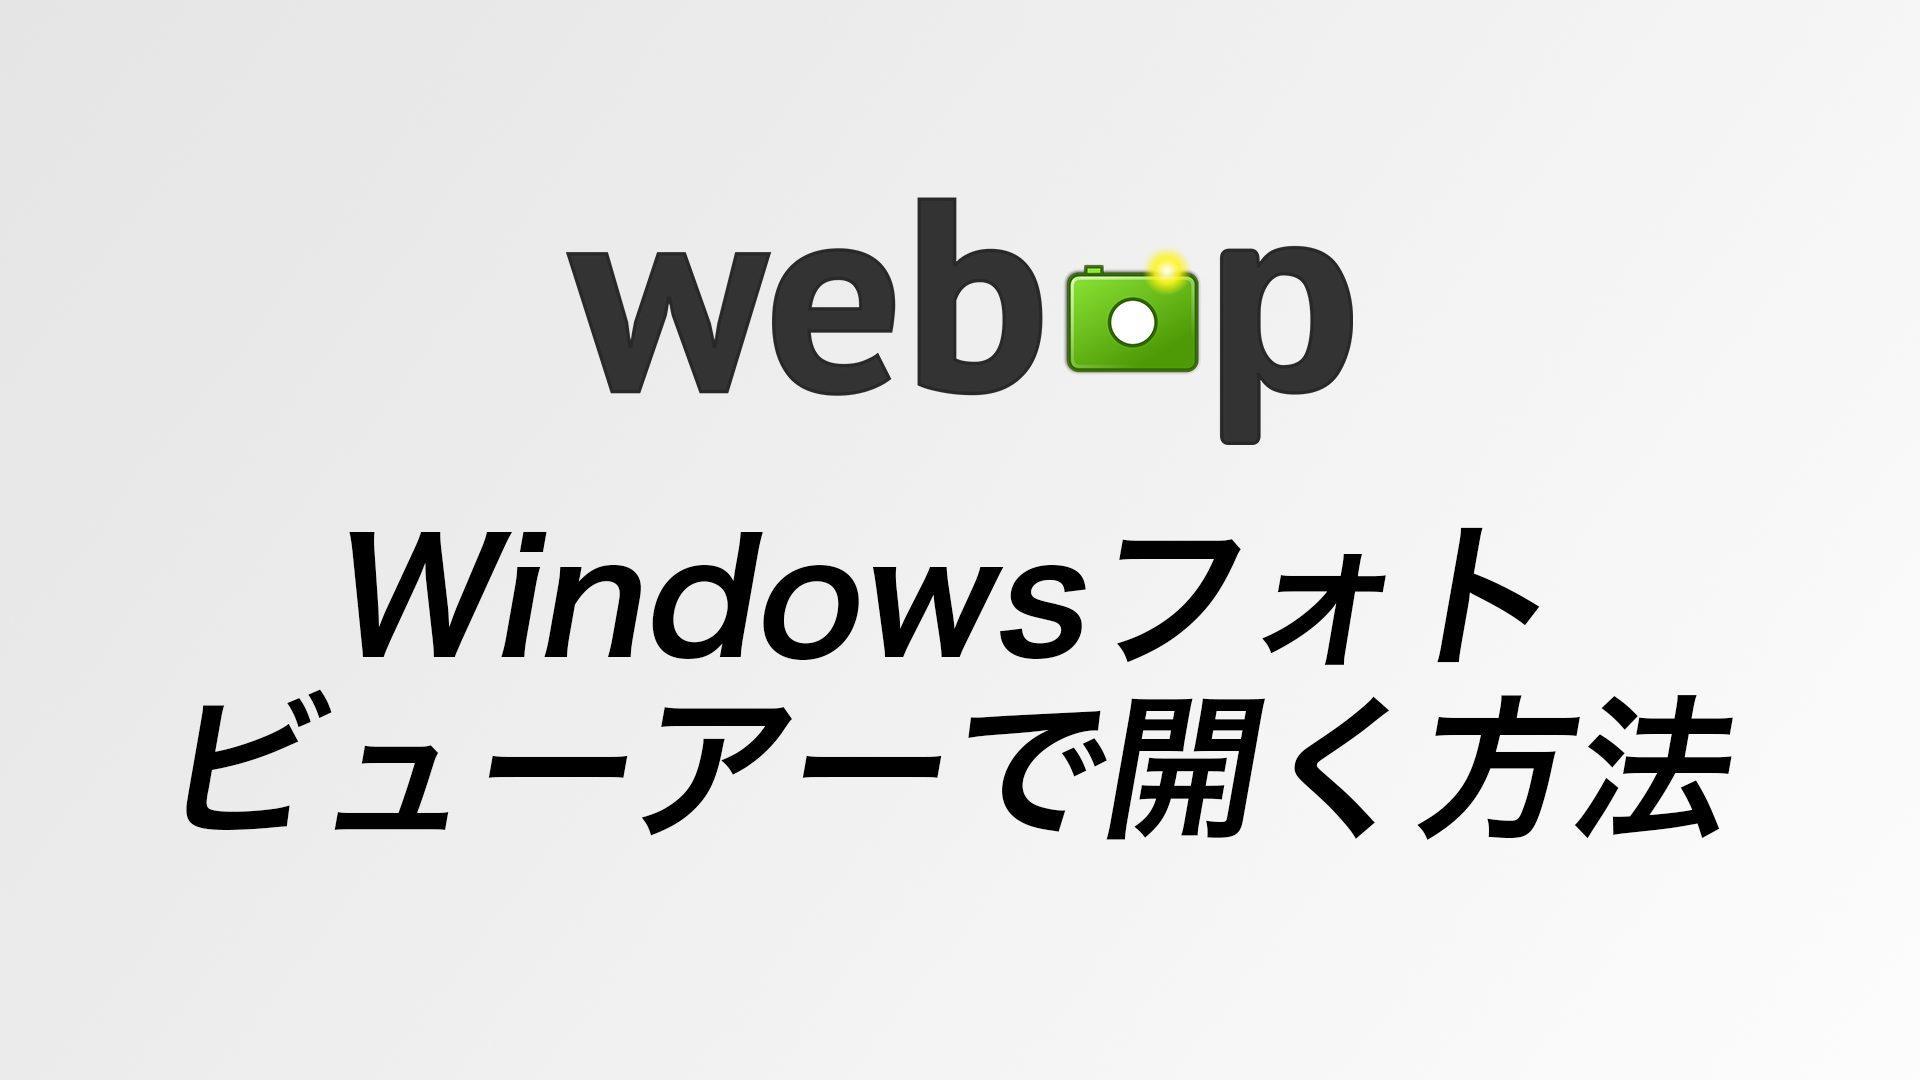 WePWin - WebPをPNGの様にWindowsフォトビューアーで開く方法